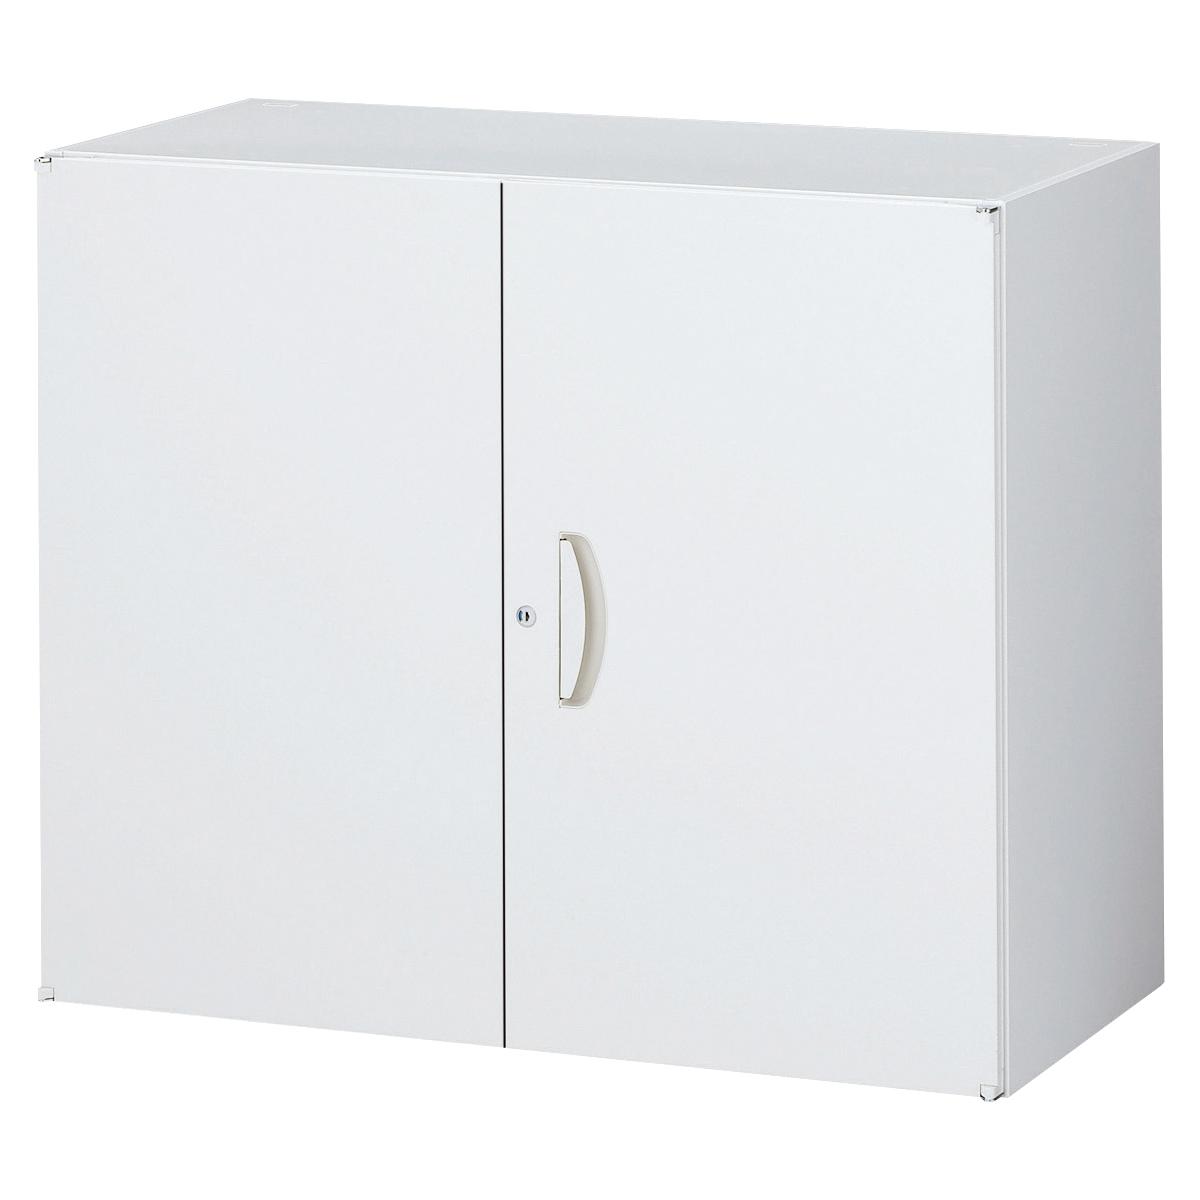 <お取り寄せ品※代引きキャンセル不可> 両開き戸棚 RW5-07H 【 用紙 画用紙 整理 棚 収納 多目的 システム収納棚 】